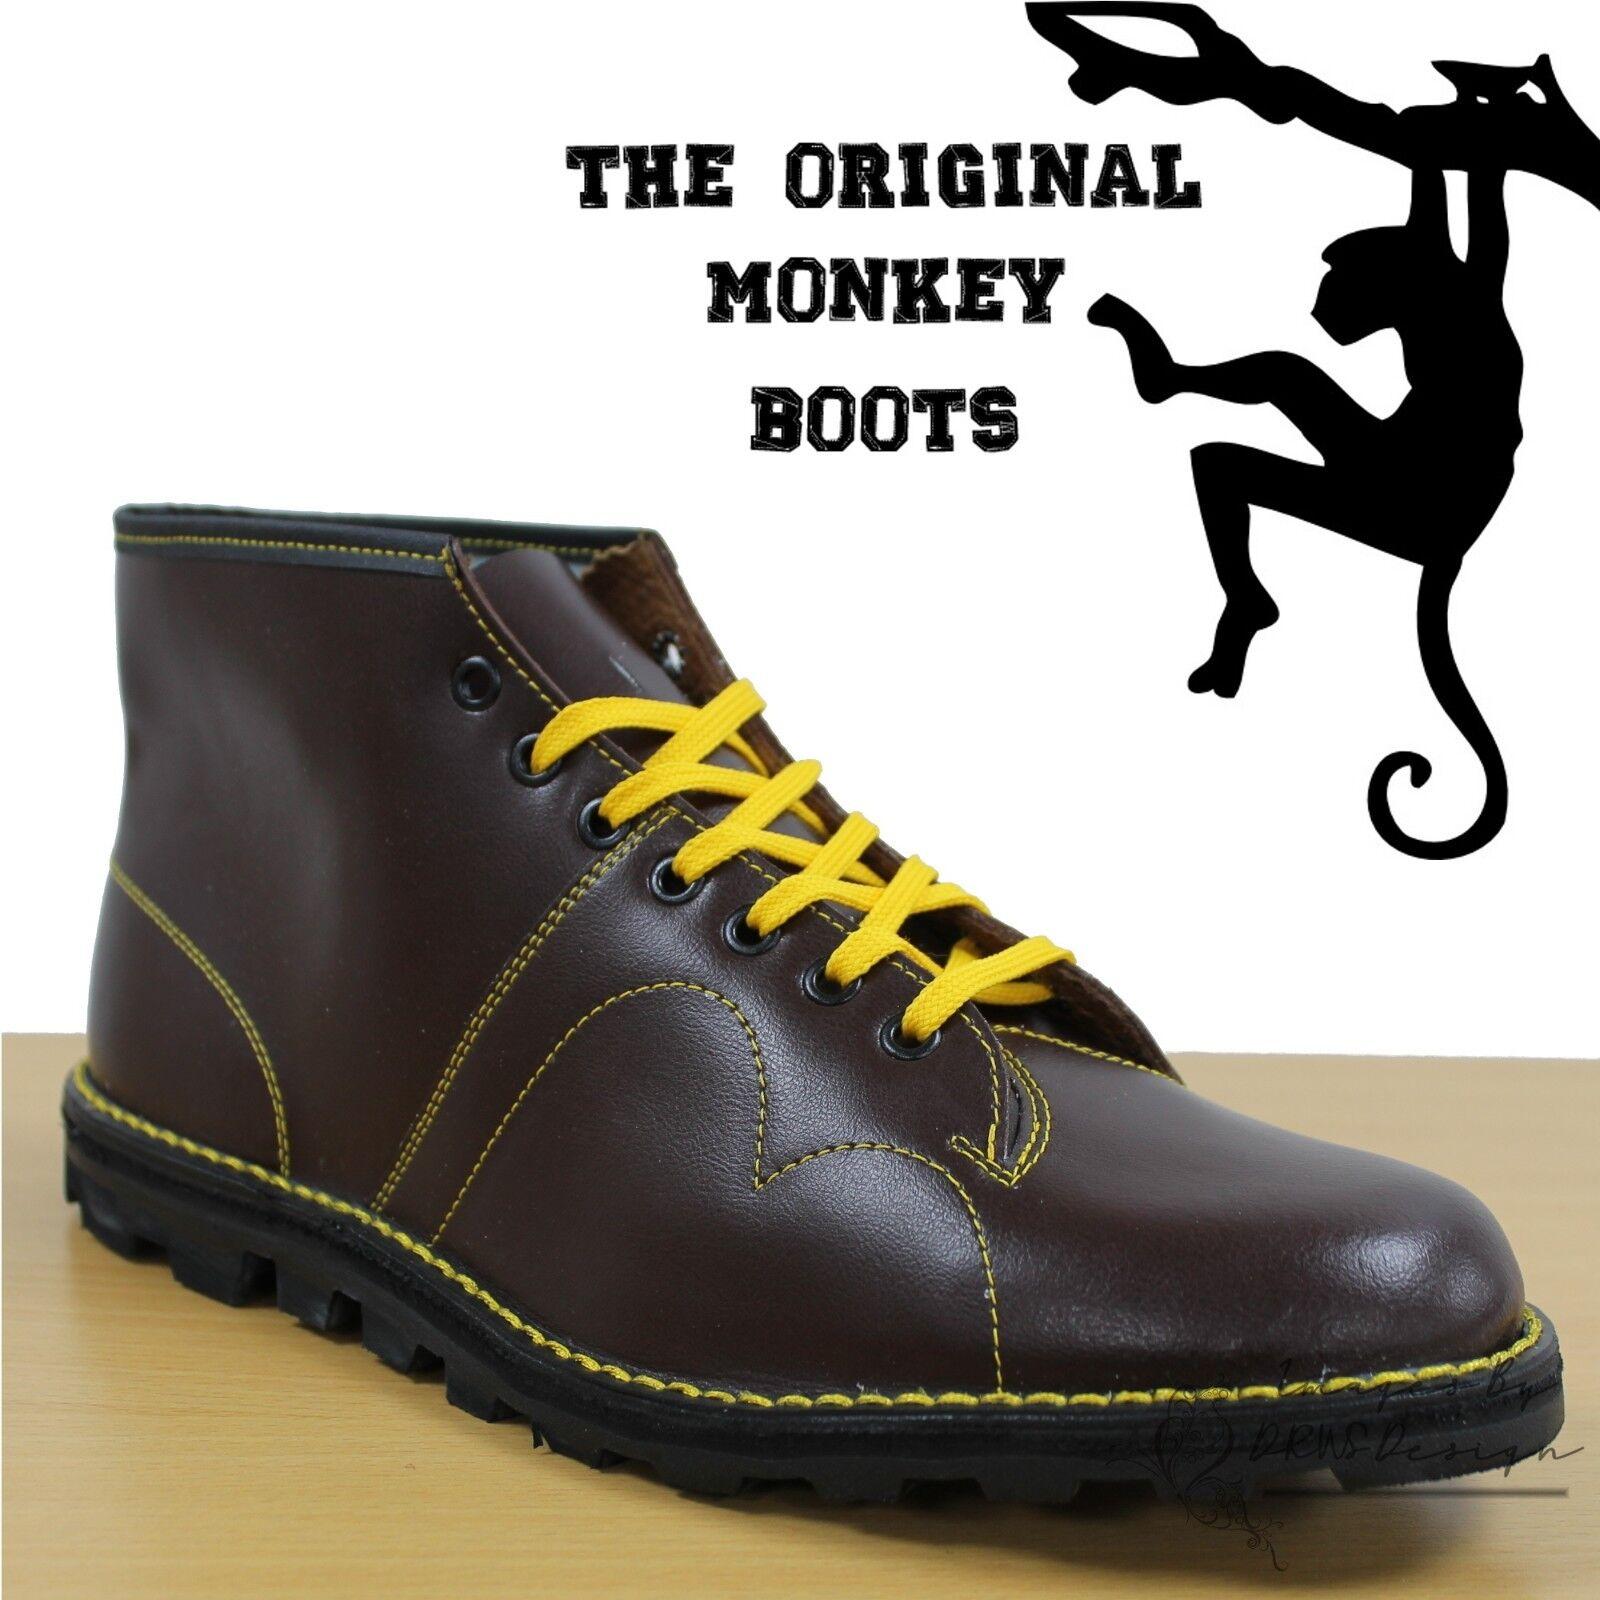 Descuento de la marca Grafters el Original Mono Botas para hombres Para mujeres y niños retro años 60 Borgoña Zapatos